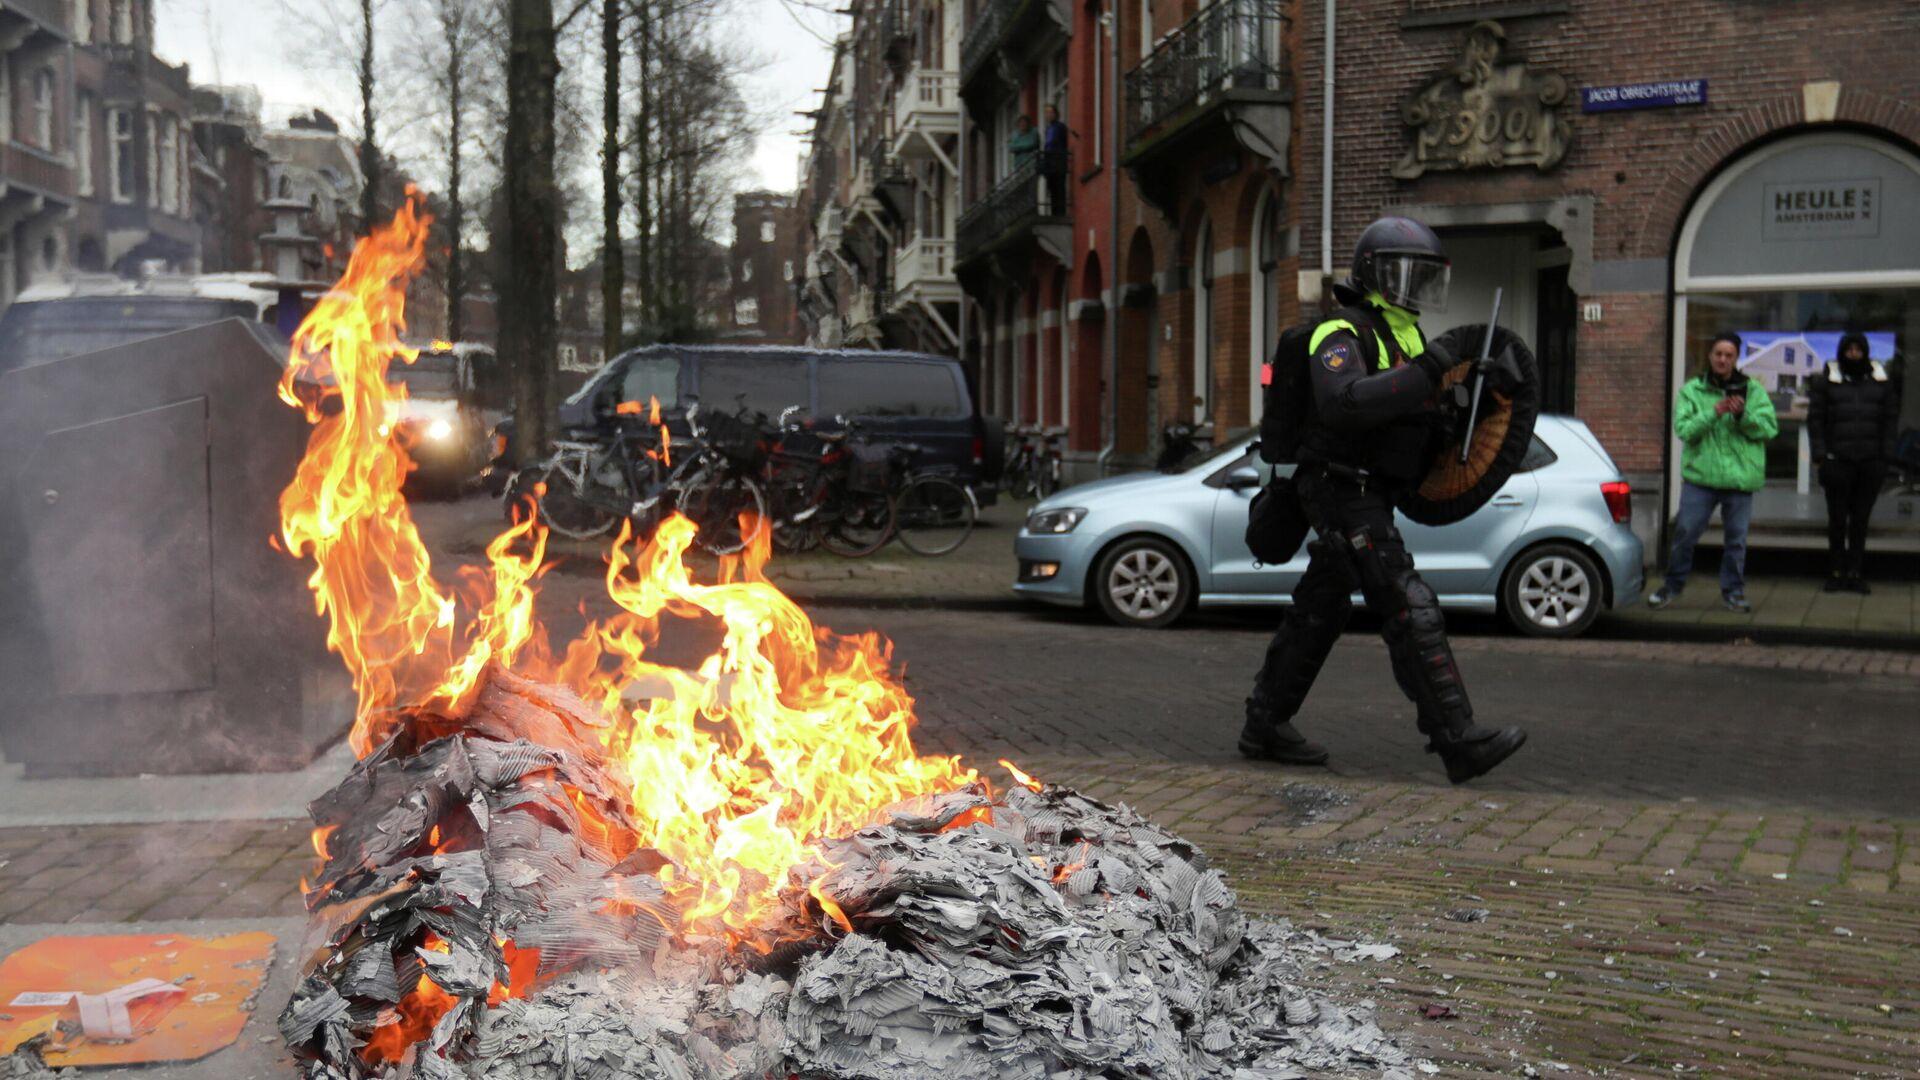 Полиция Амстердама во время разгона демонстрации против мер правительства по борьбе с коронавирусом - РИА Новости, 1920, 27.01.2021